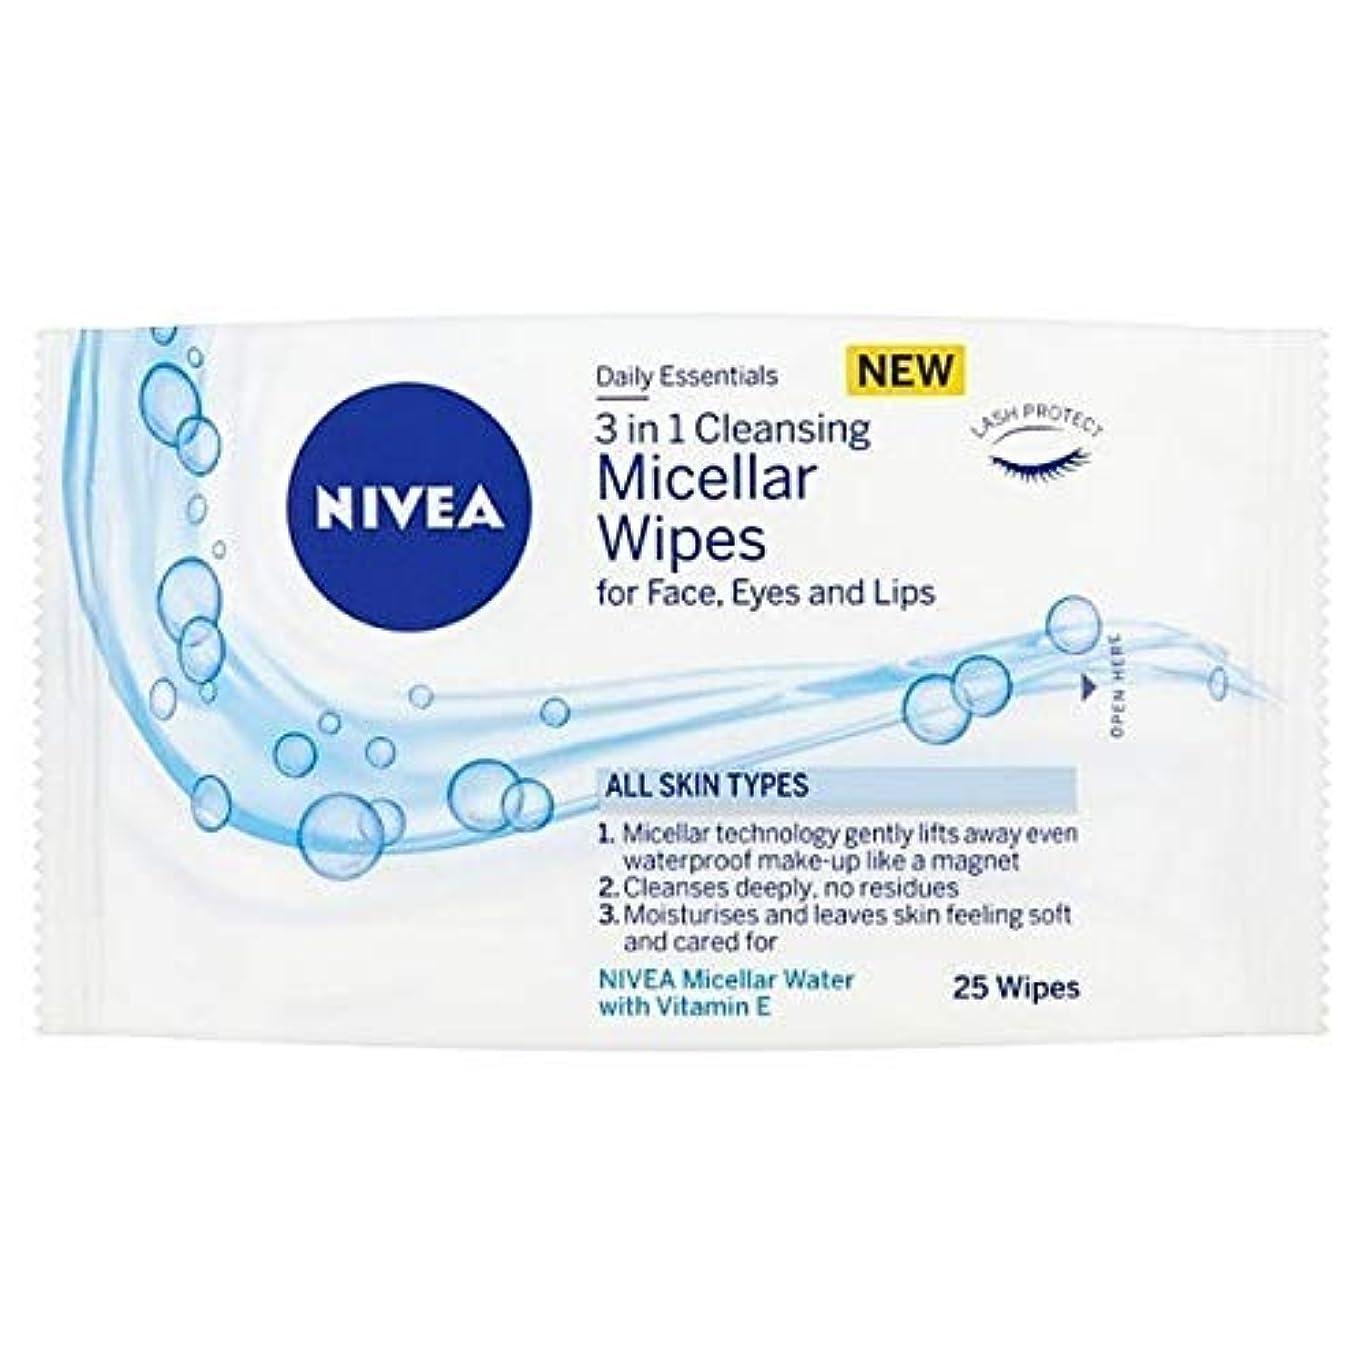 雄大な空気アミューズメント[Nivea ] ニベアミセルクレンジング顔は、25のワイプワイプ - NIVEA Micellar Cleansing Face Wipes, 25 wipes [並行輸入品]